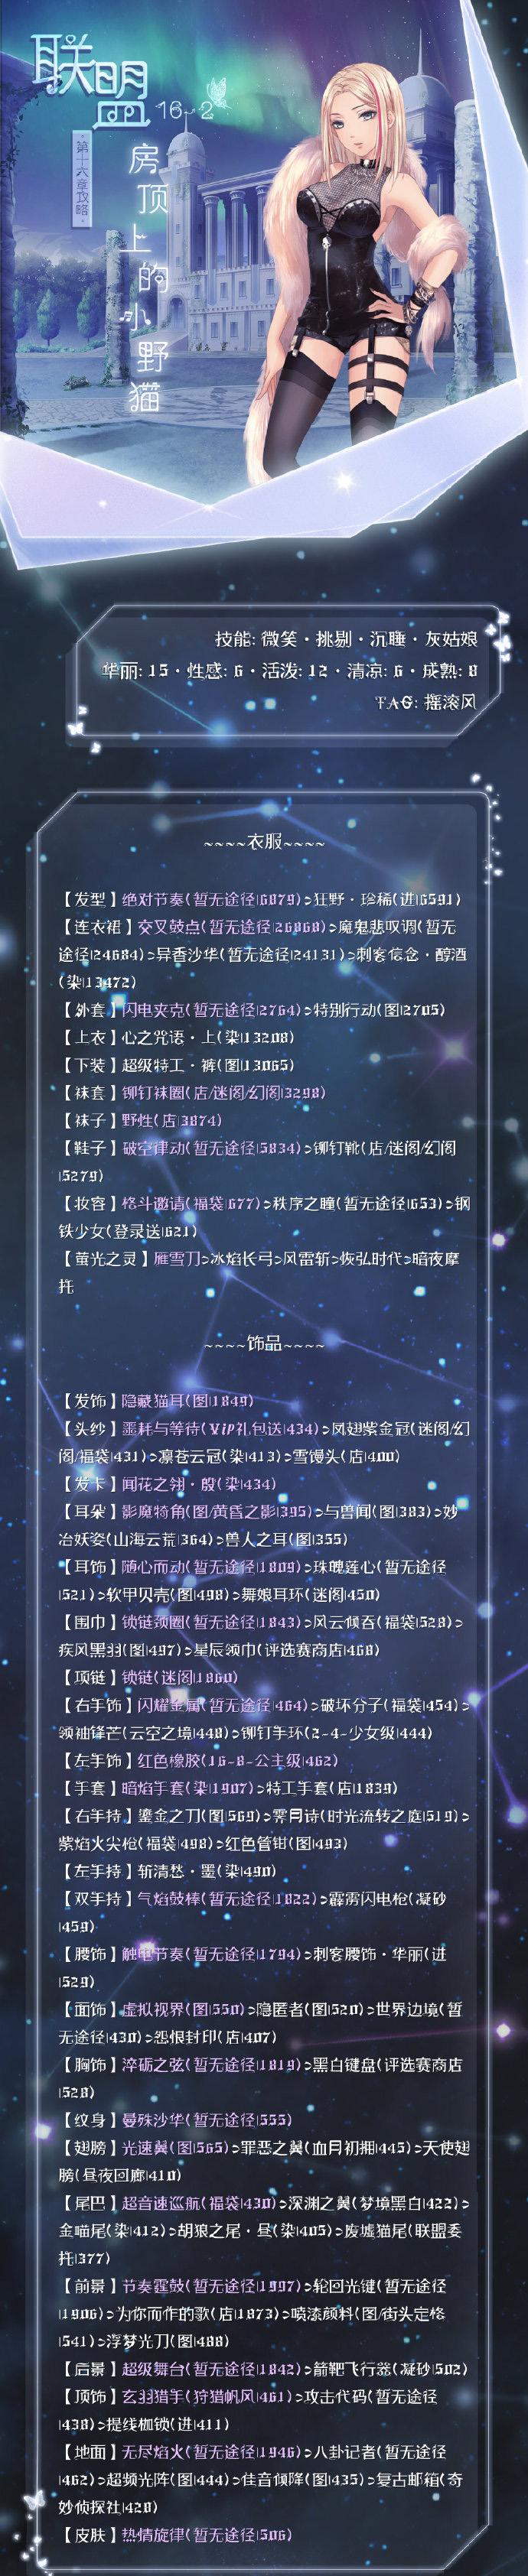 《奇迹暖暖》【联盟委托】16-2攻略